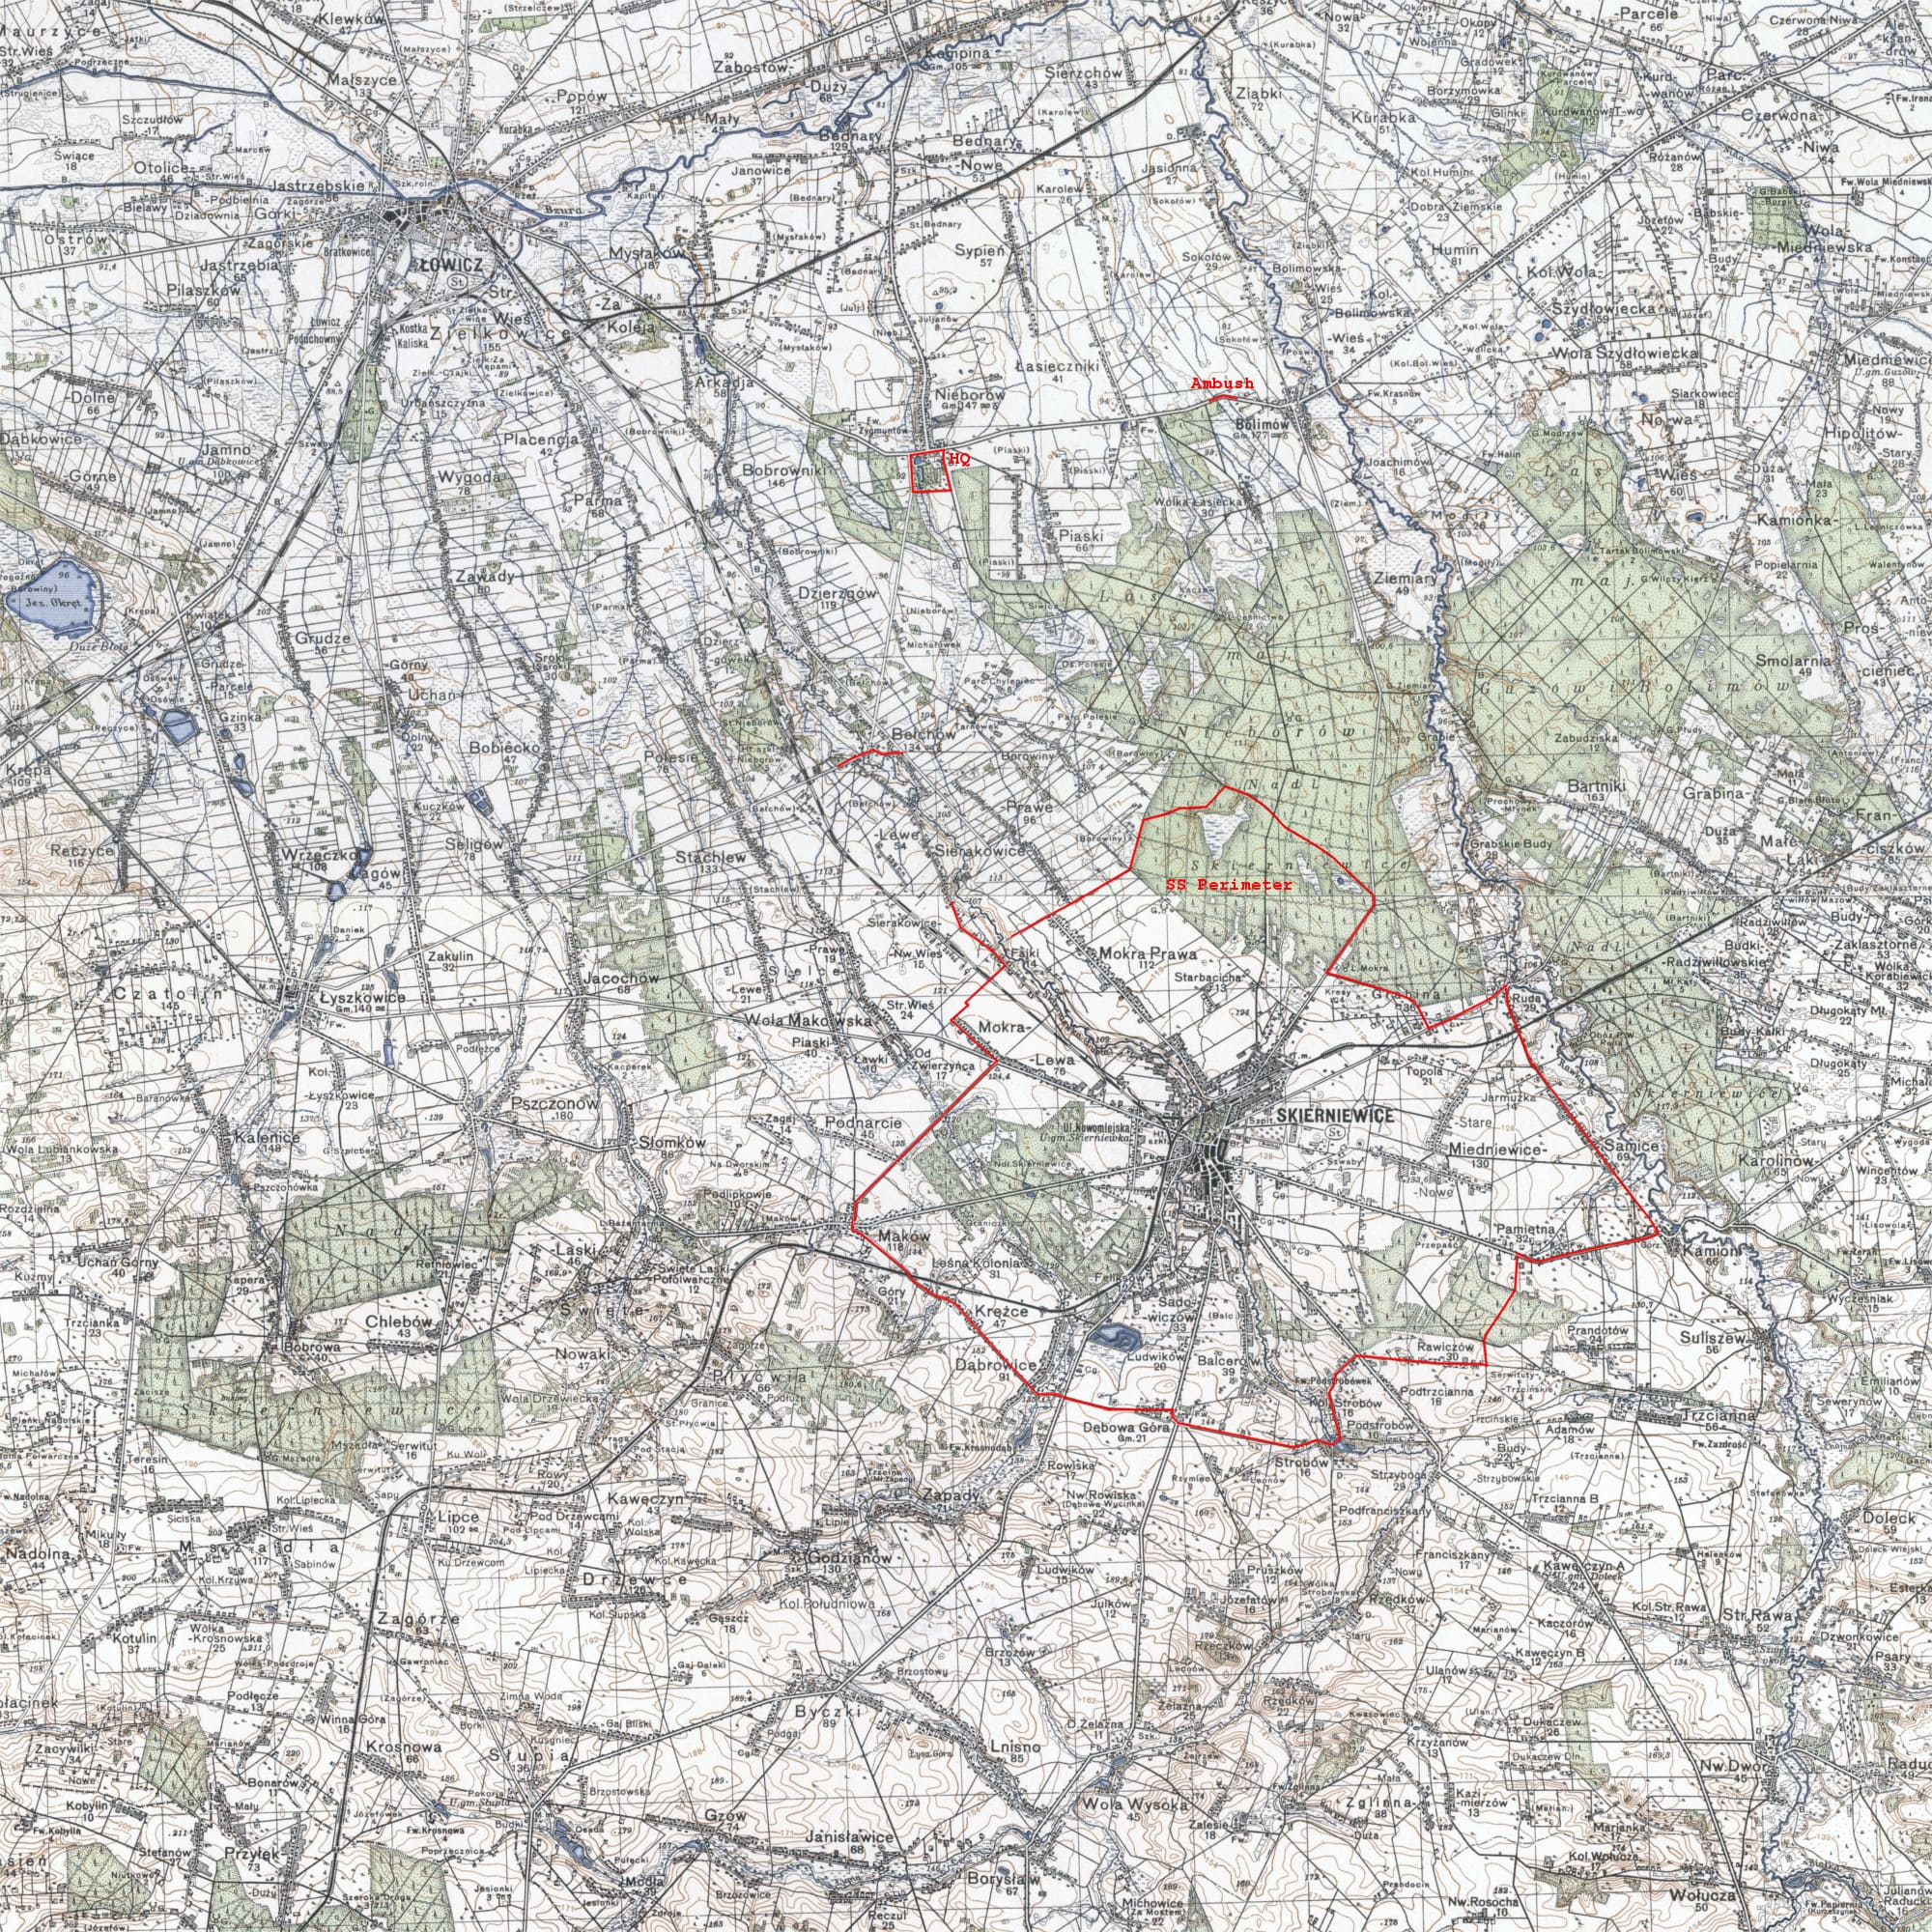 MapSkierniewiceNieborow-min.jpg